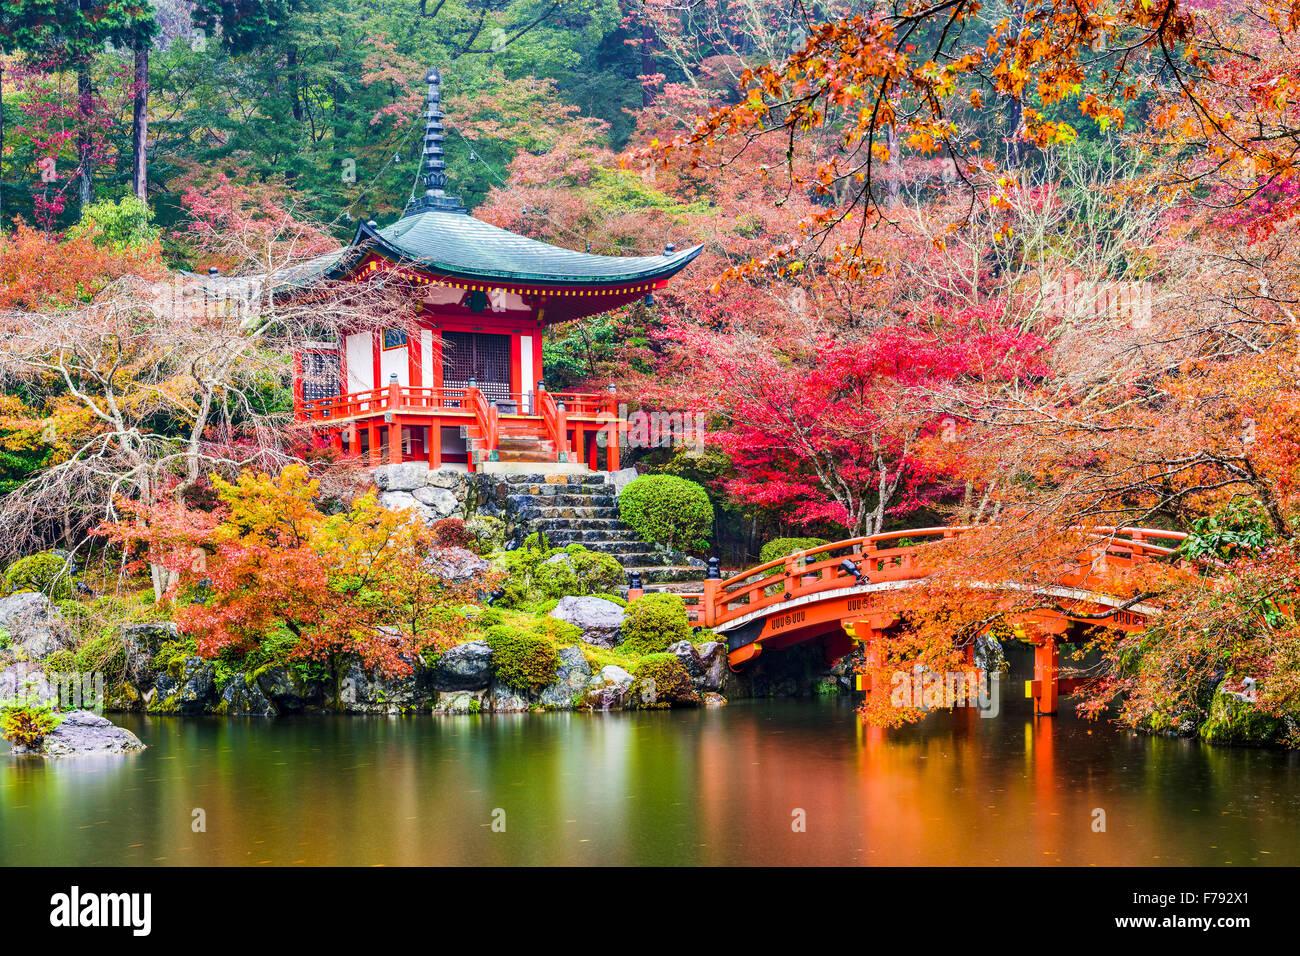 Kyoto, Japan at Daigoji Temple. - Stock Image